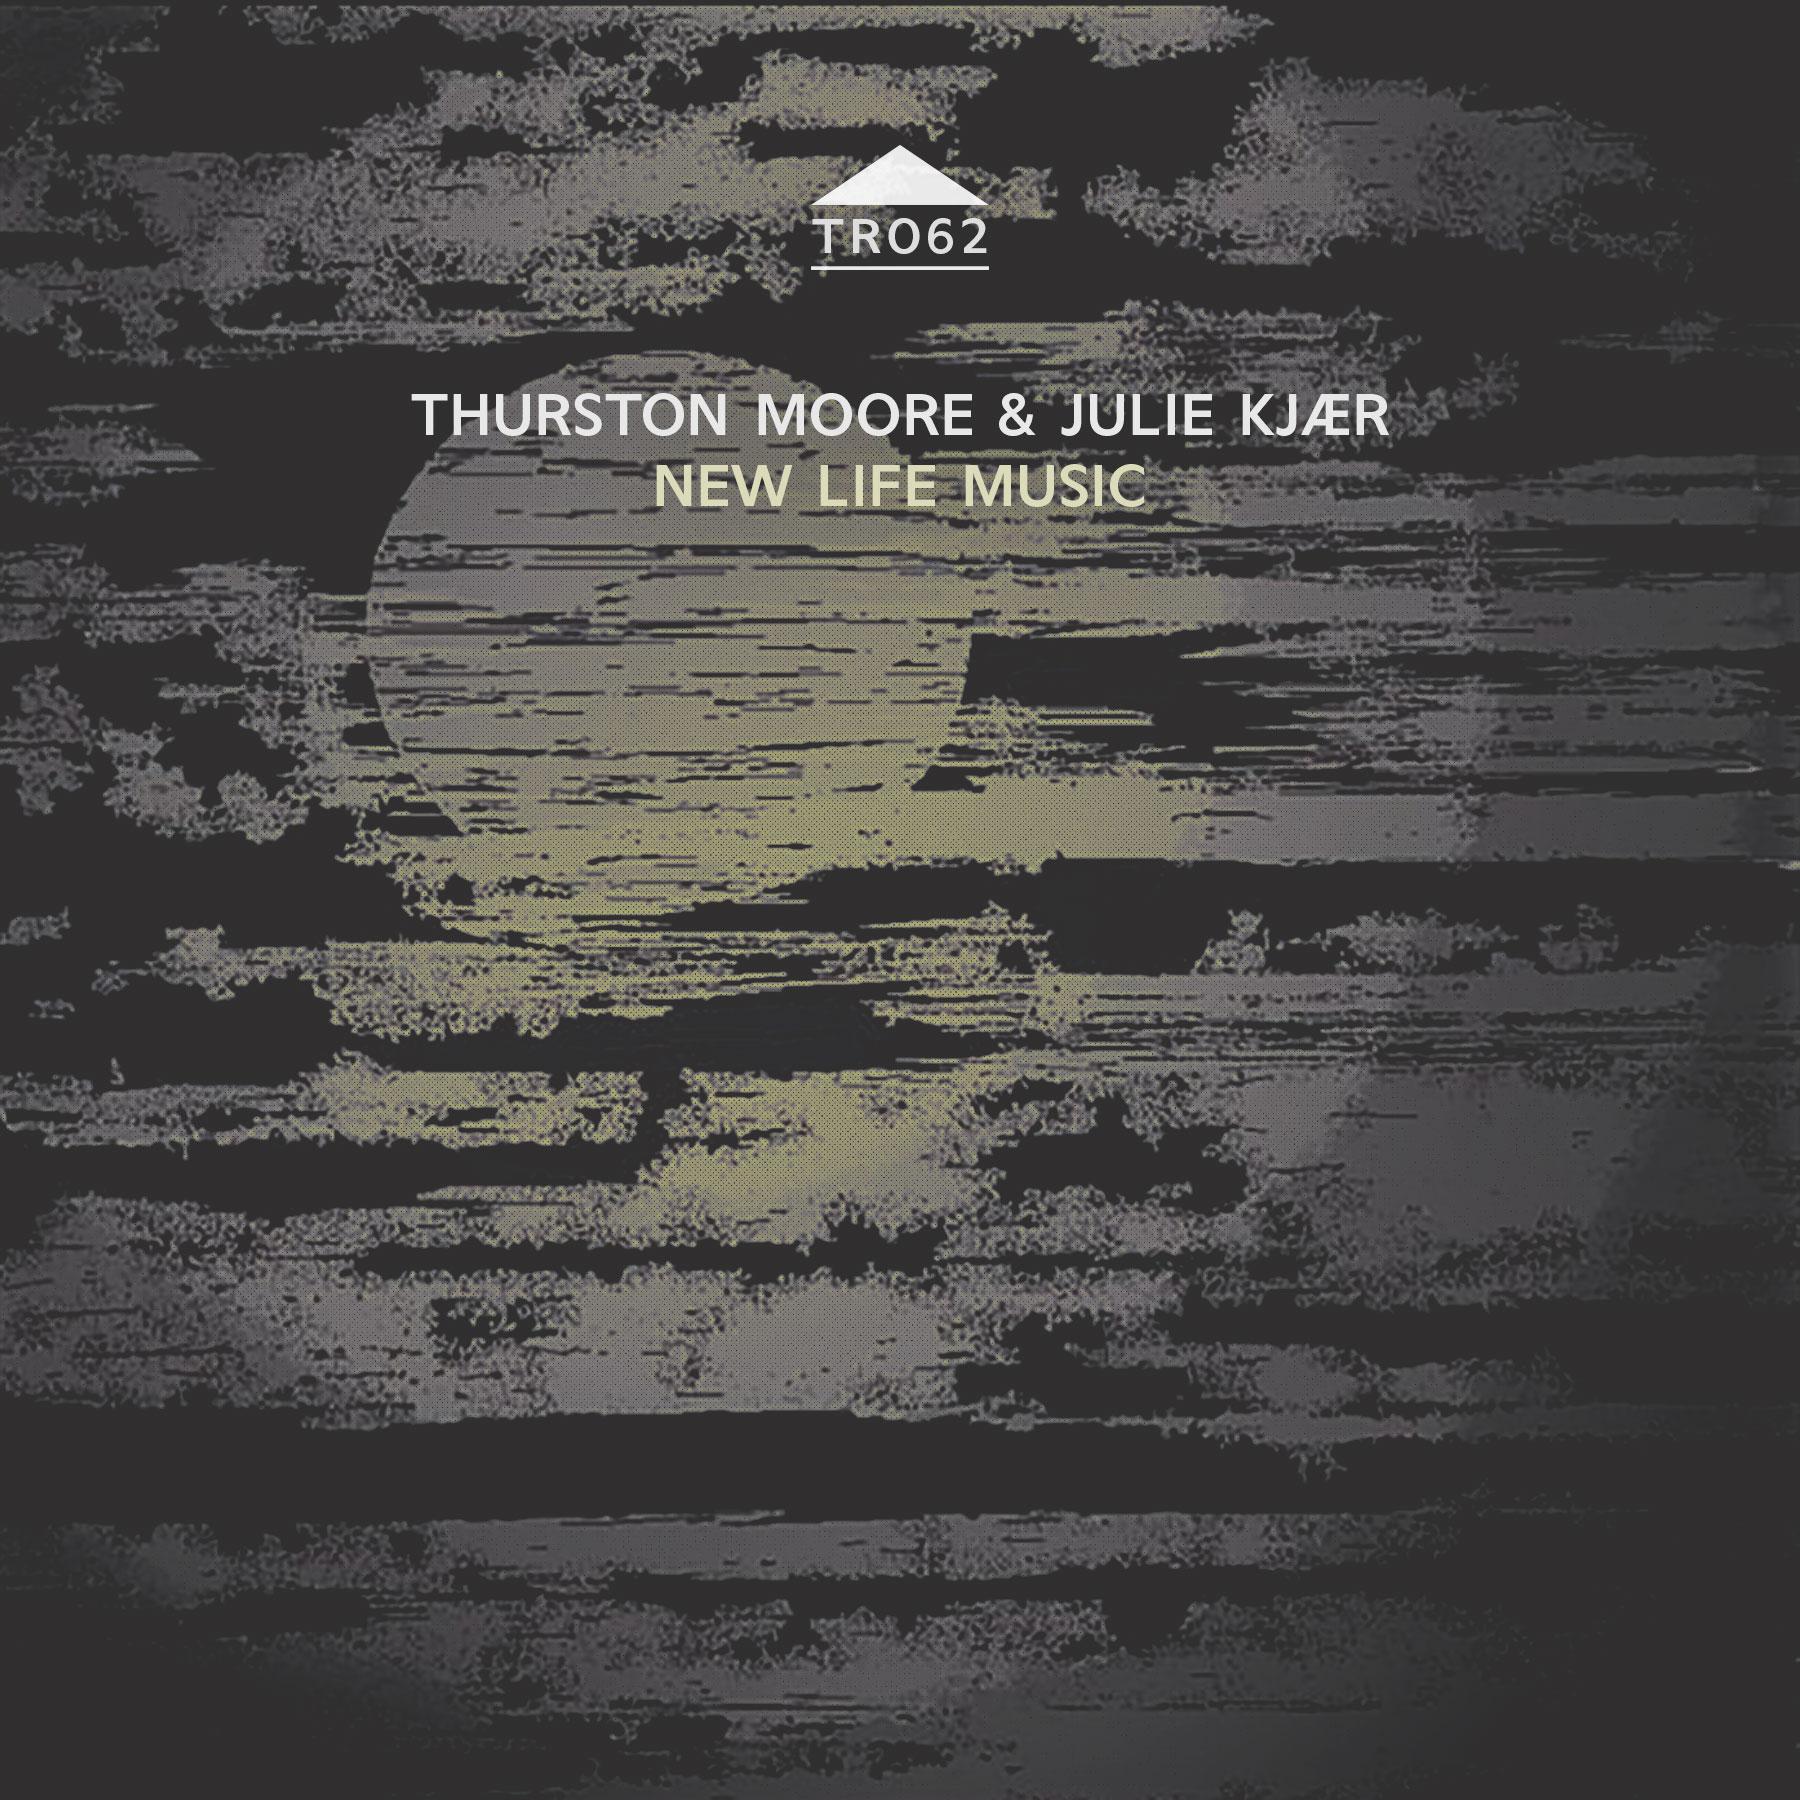 TR062-Thurston-Moore-and-Julie-Kjaer